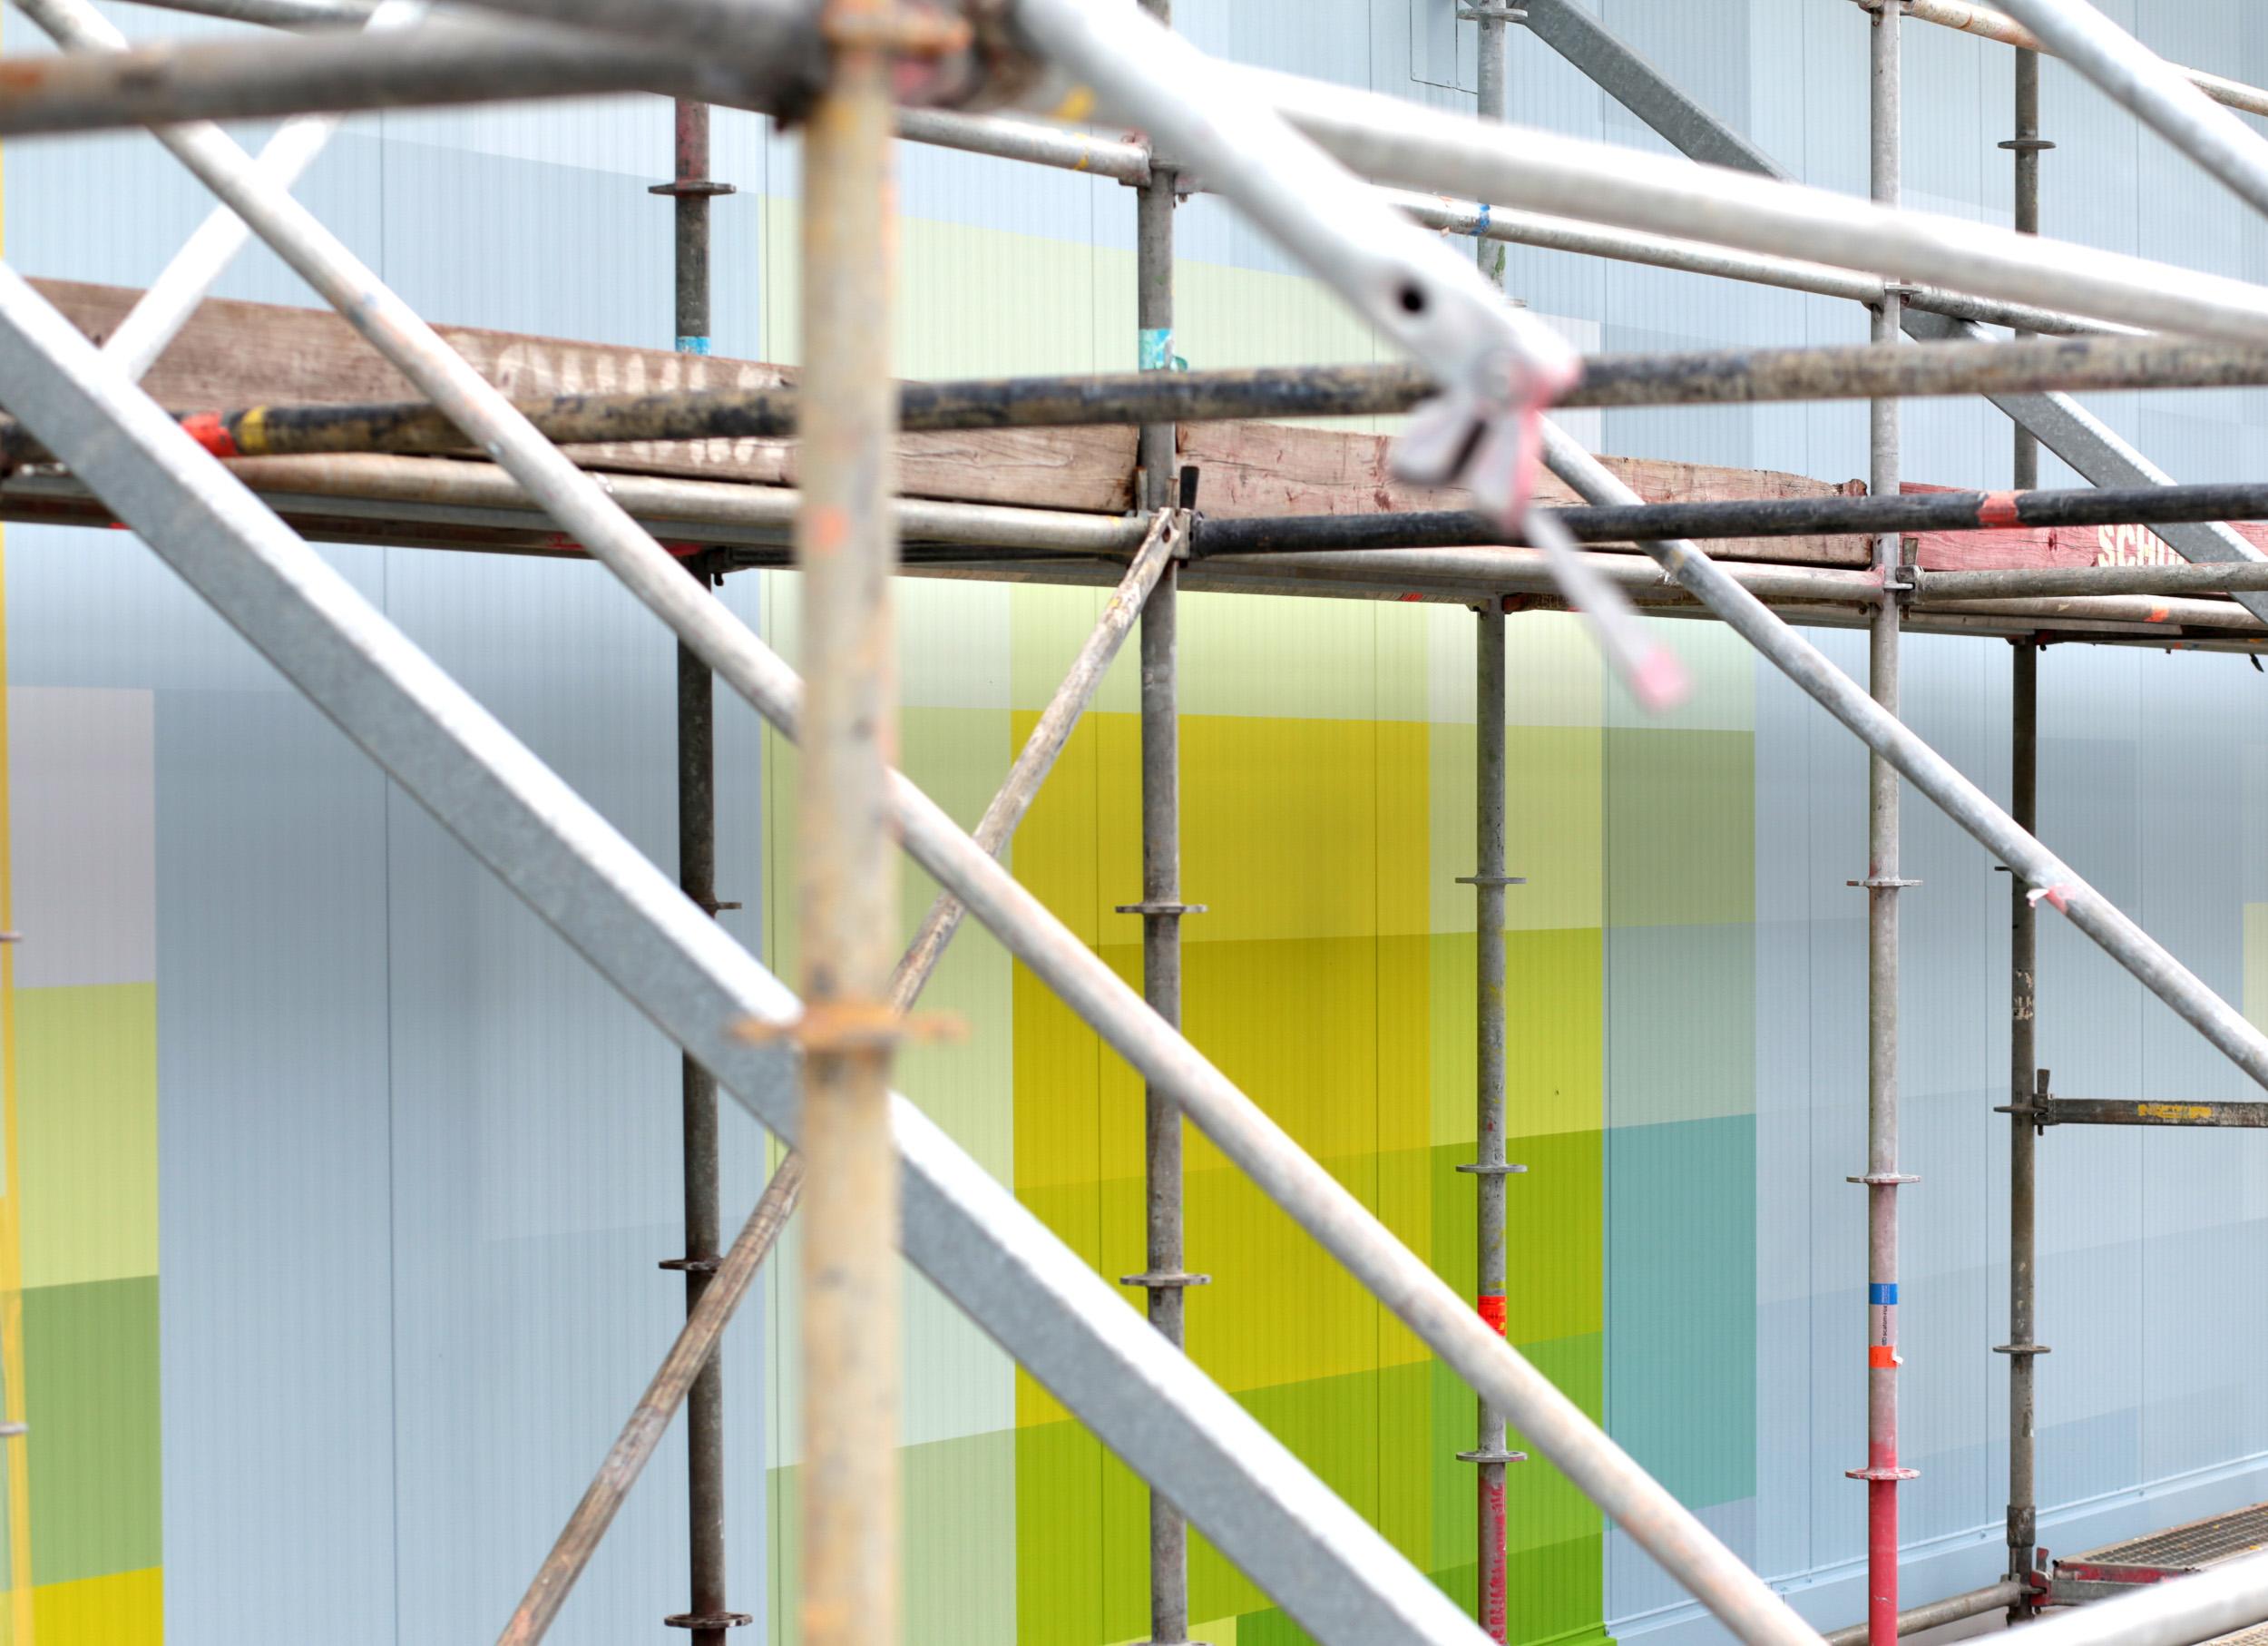 Fassadengestaltung-Industrie-Bayer-Monheim-Farbkonzept-Raps-Geruest-Beispiel.jpg